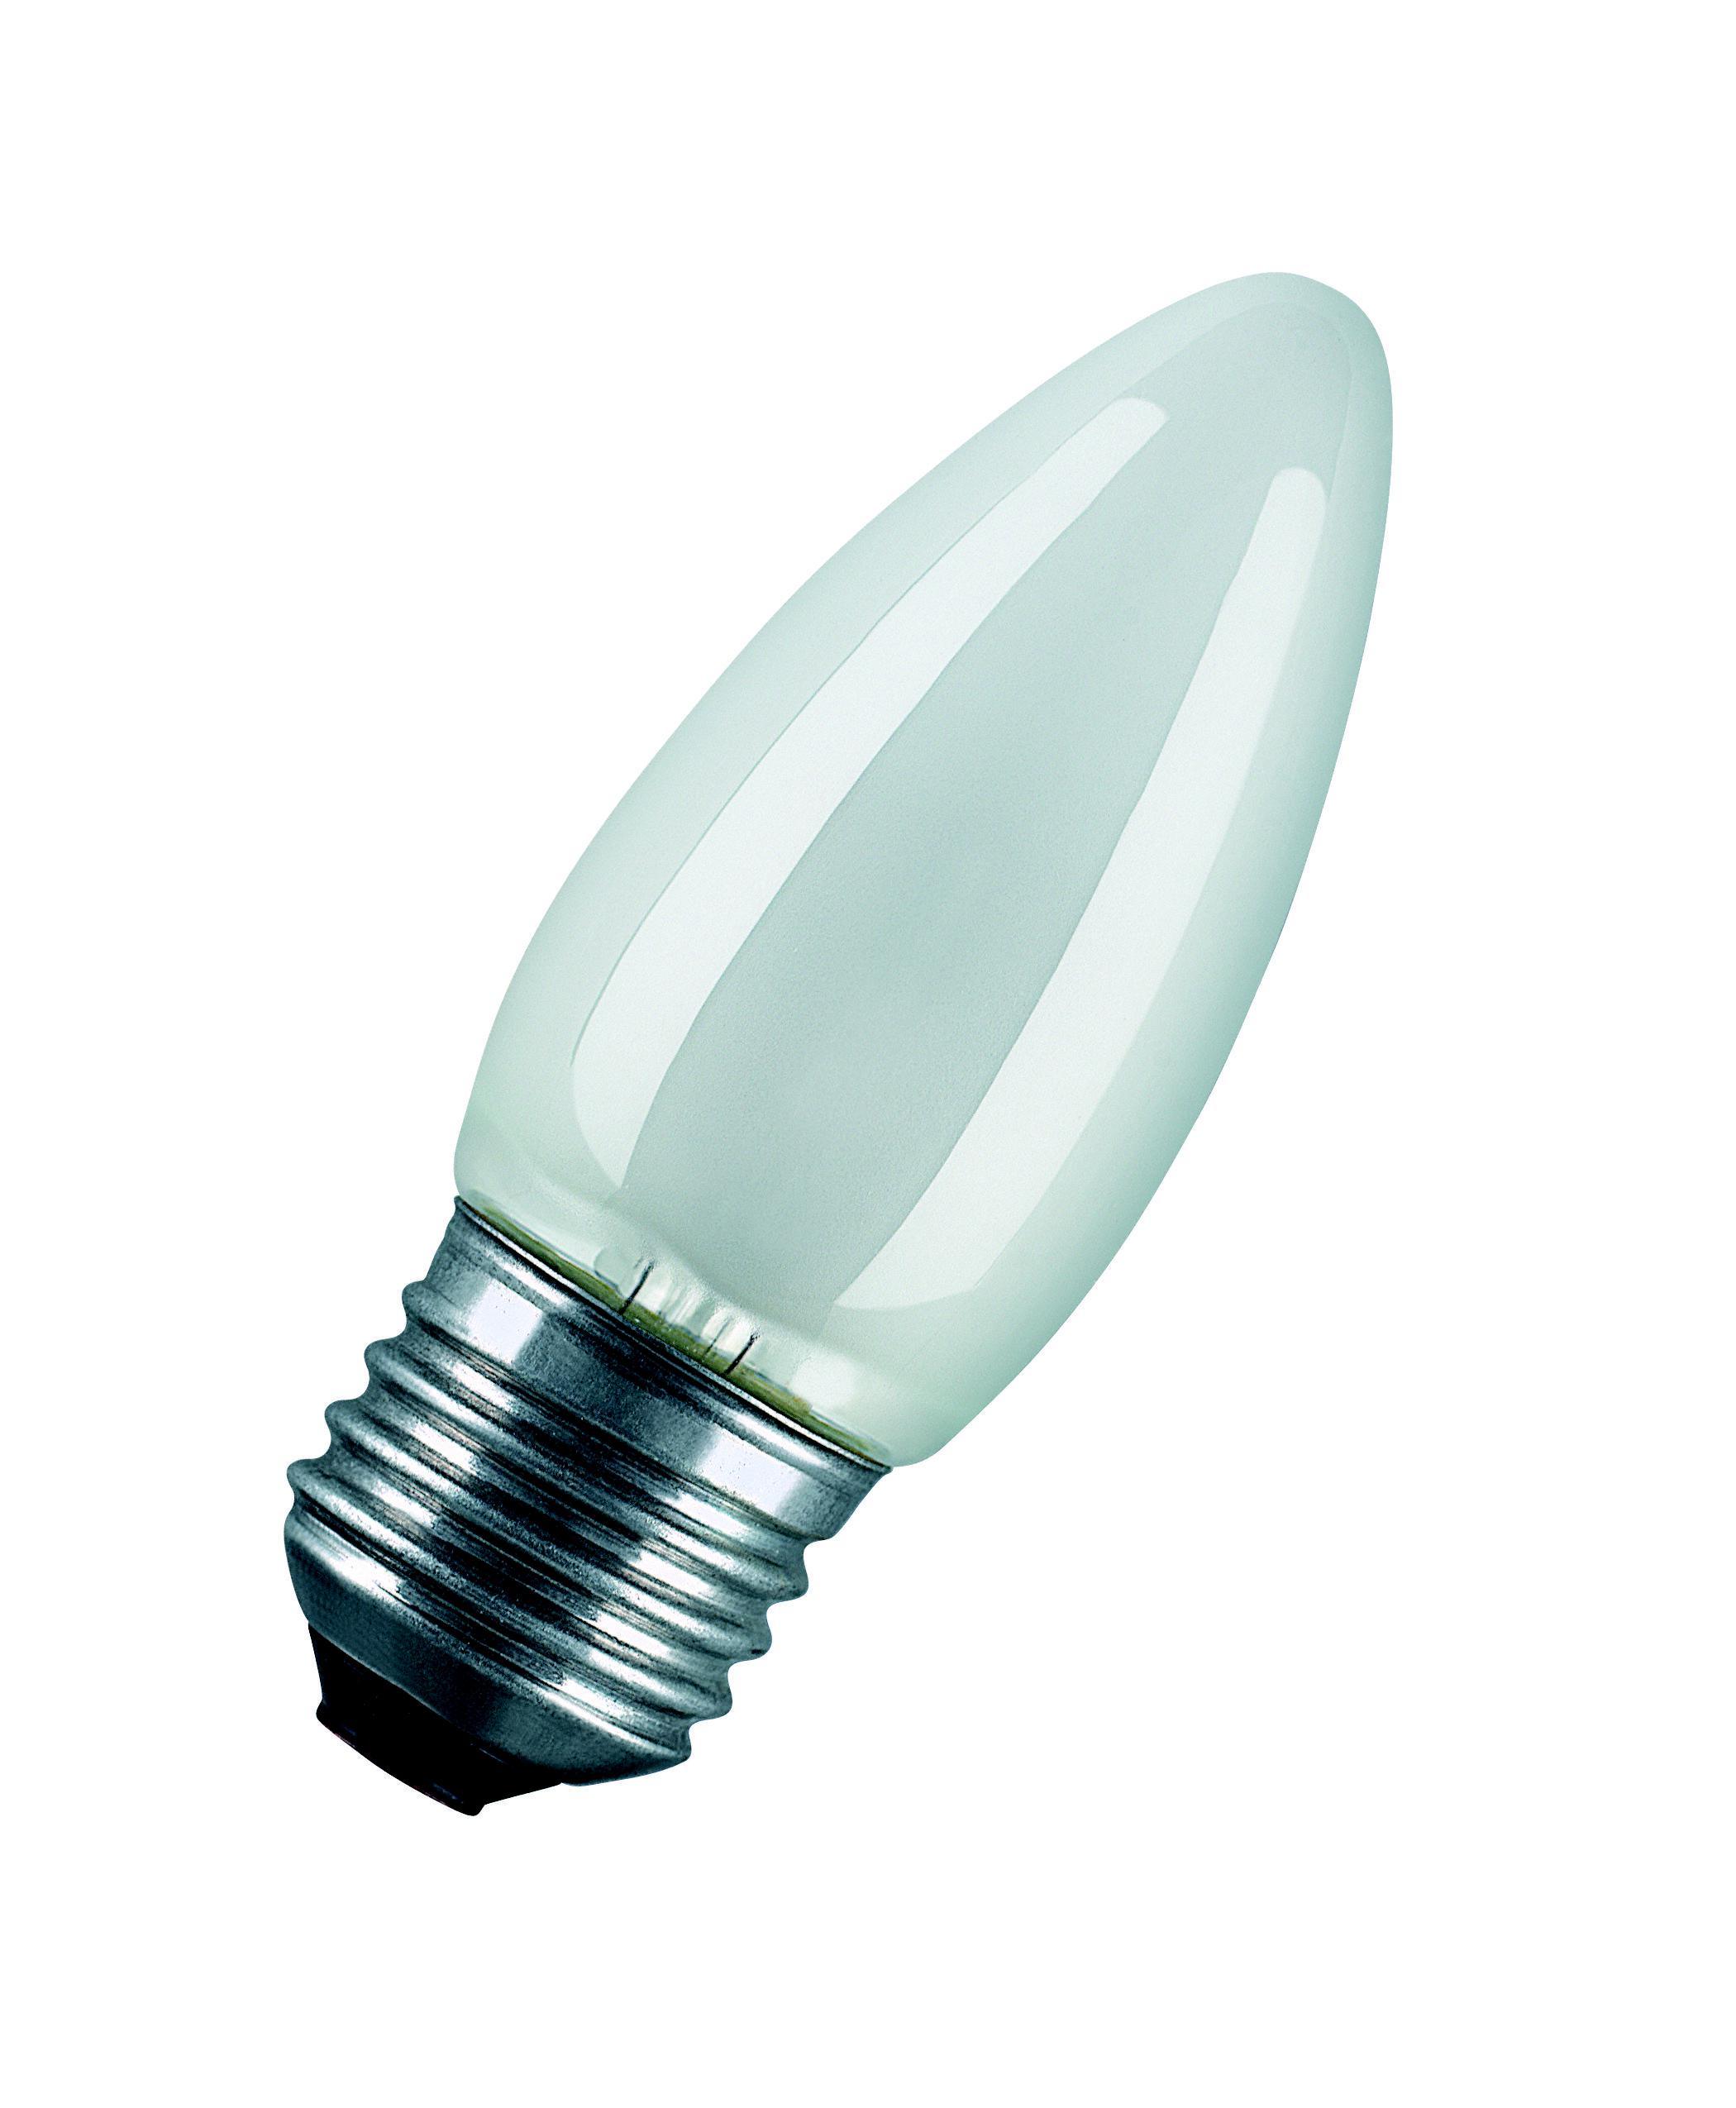 Лампа накаливания Osram Classic b fr 60w e27